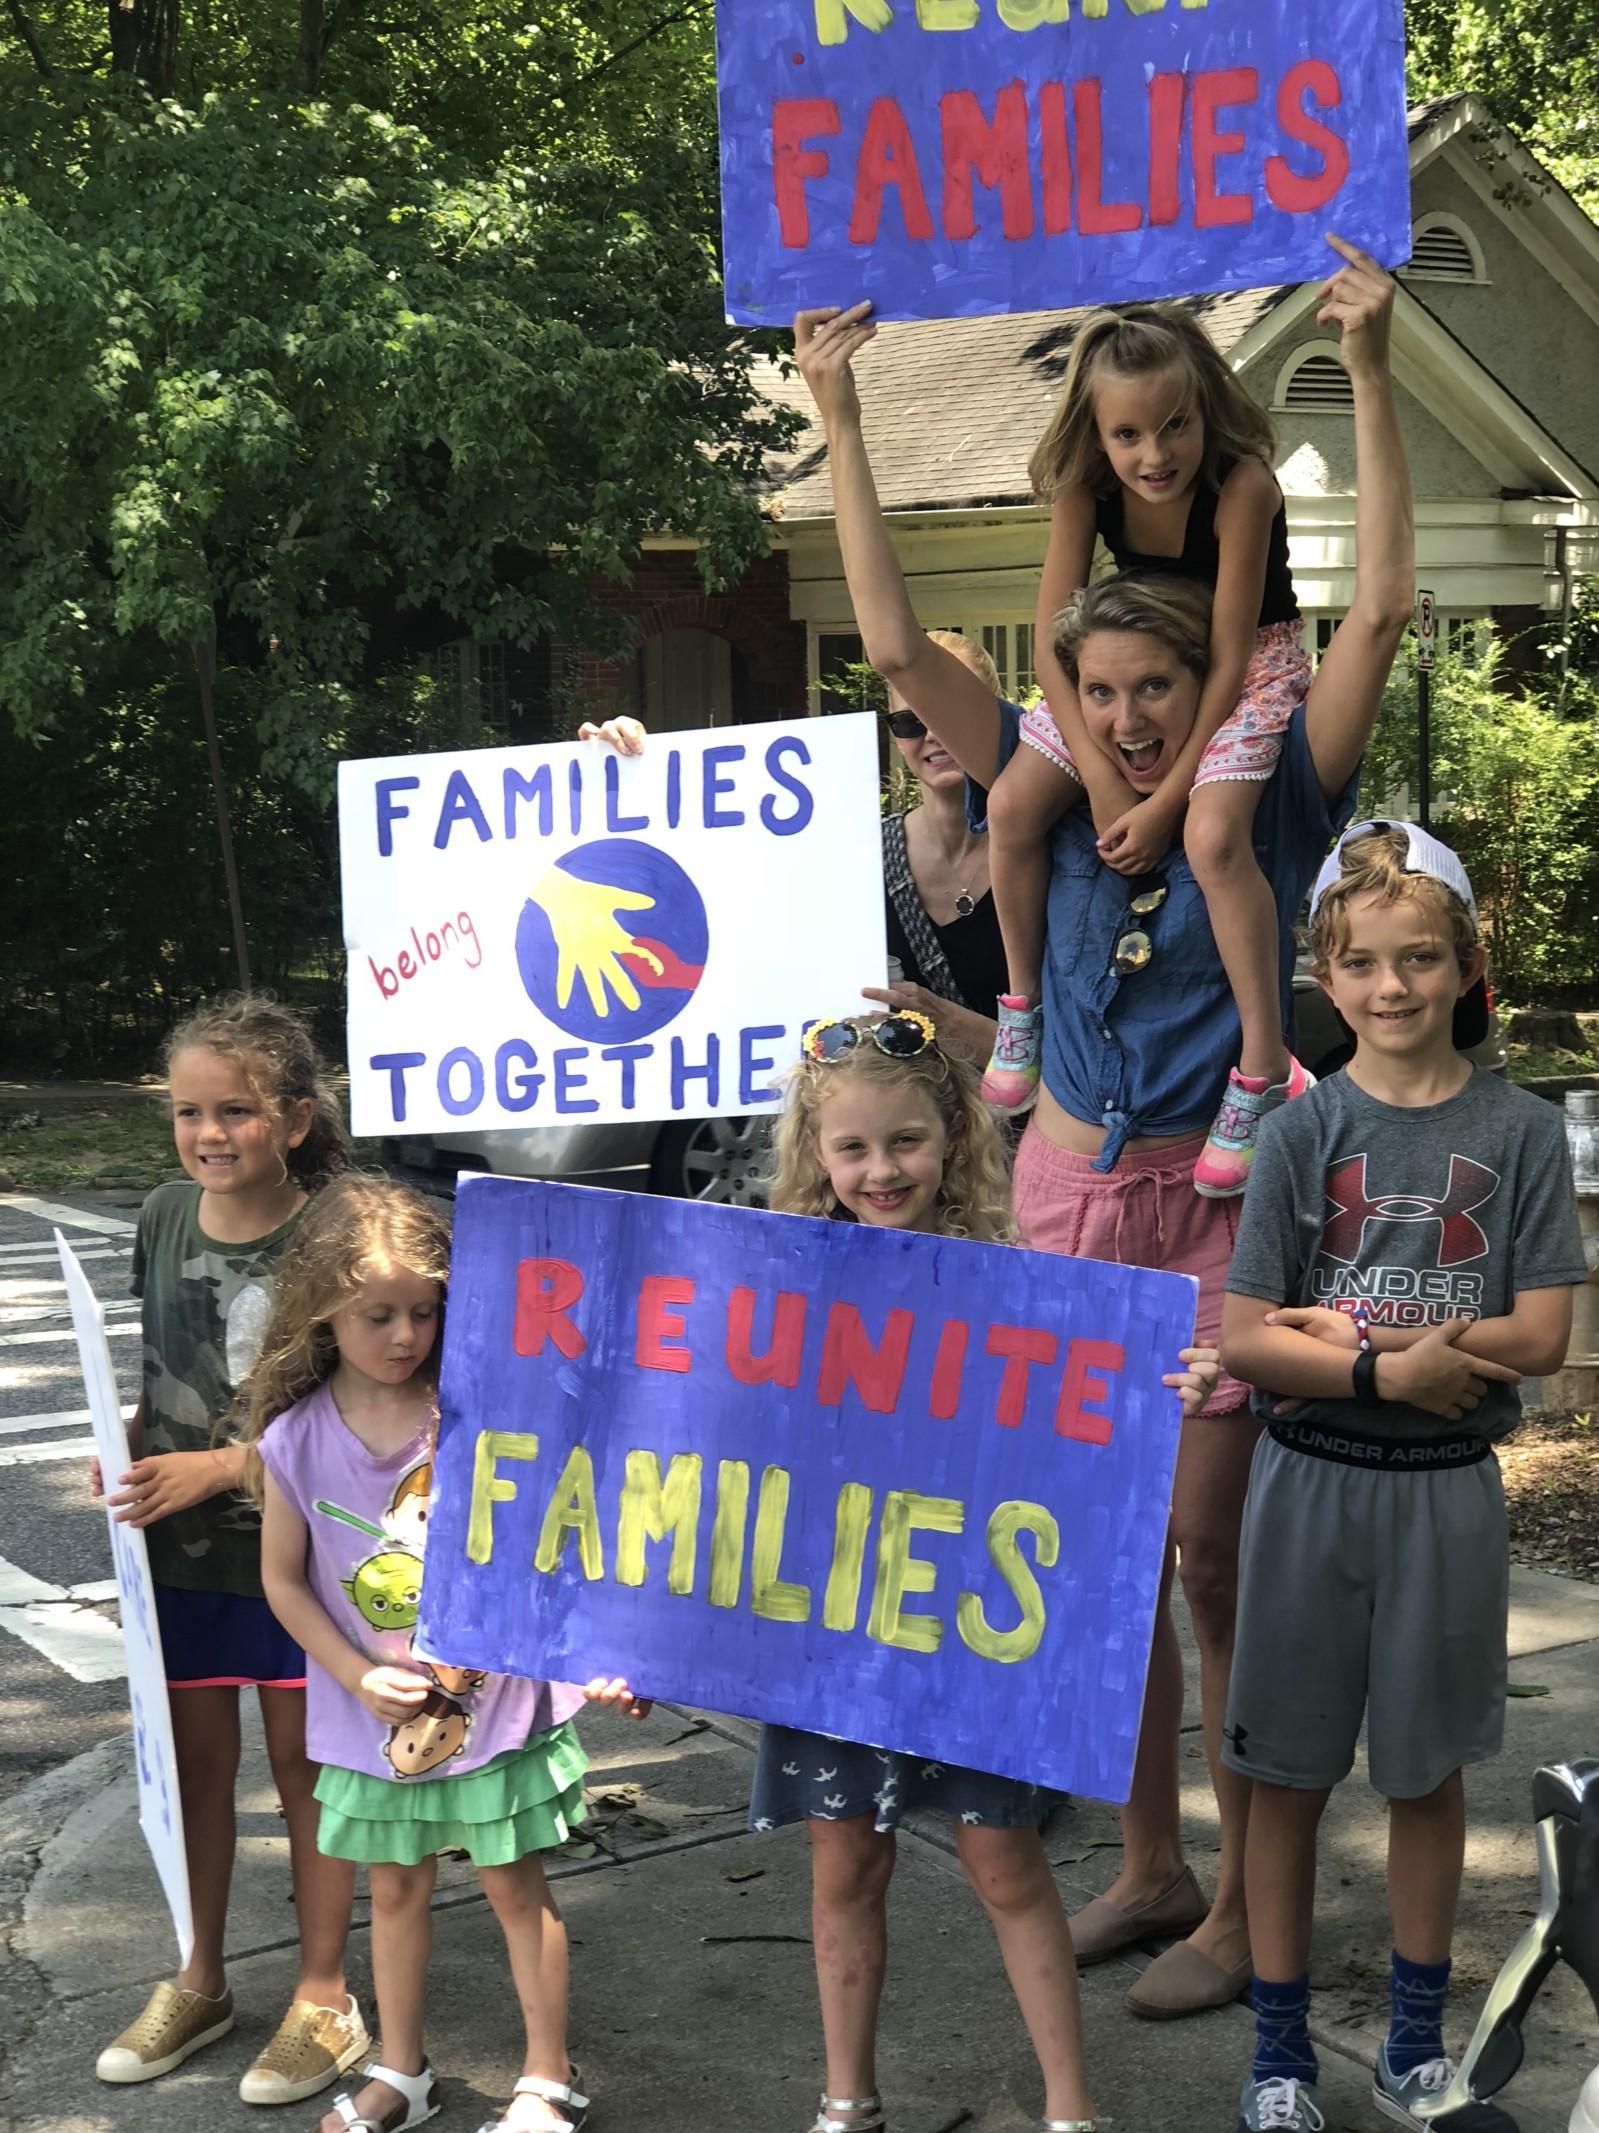 亞特蘭大六歲小童賣檸檬水,為骨肉分離的移民家庭籌款,附近兒童也加入賣水籌款行列。(取自Shannon Cofrin Gaggero網頁)